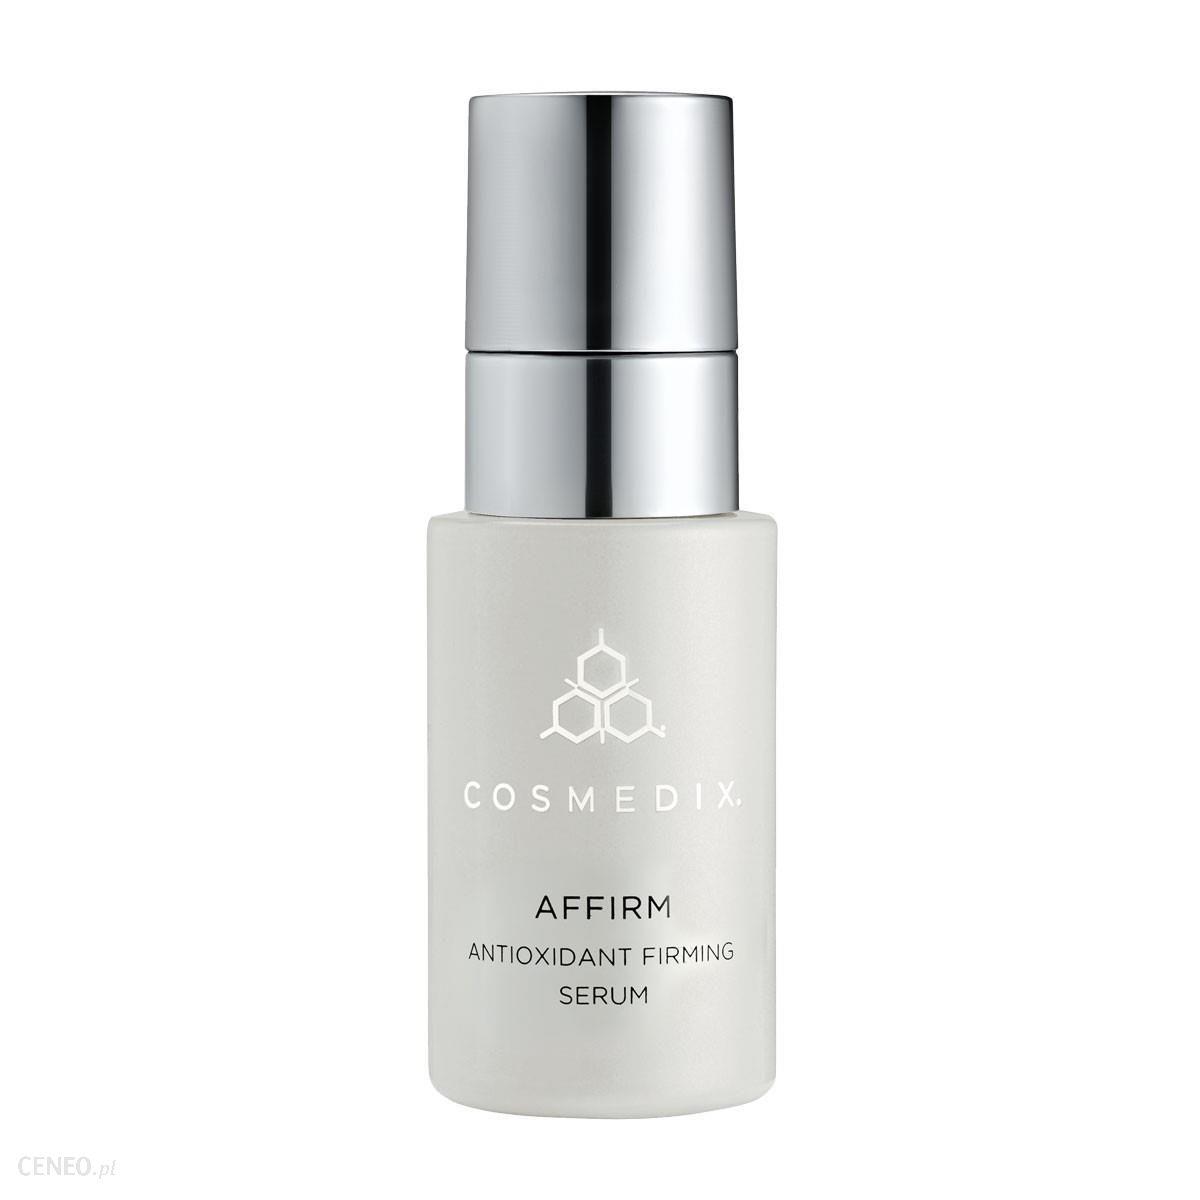 Cosmedix Affirm Antioxidant Firming Serum Ujędrniające Serum Antyoksydacyjne 15Ml